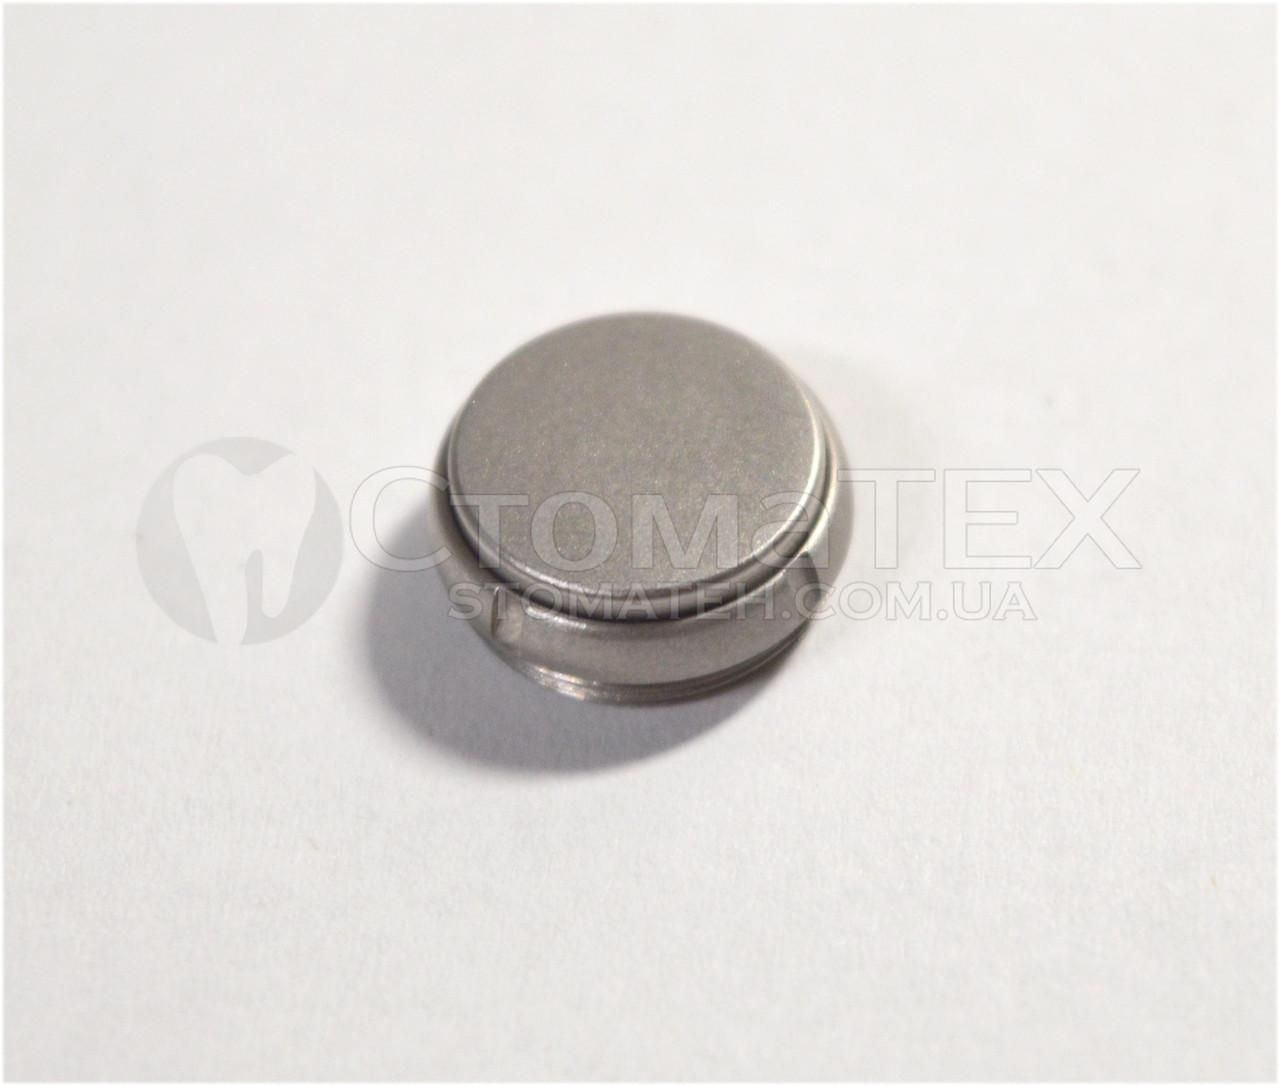 Кнопка для турбинного наконечника SDent ST-12A терапевтическая головка